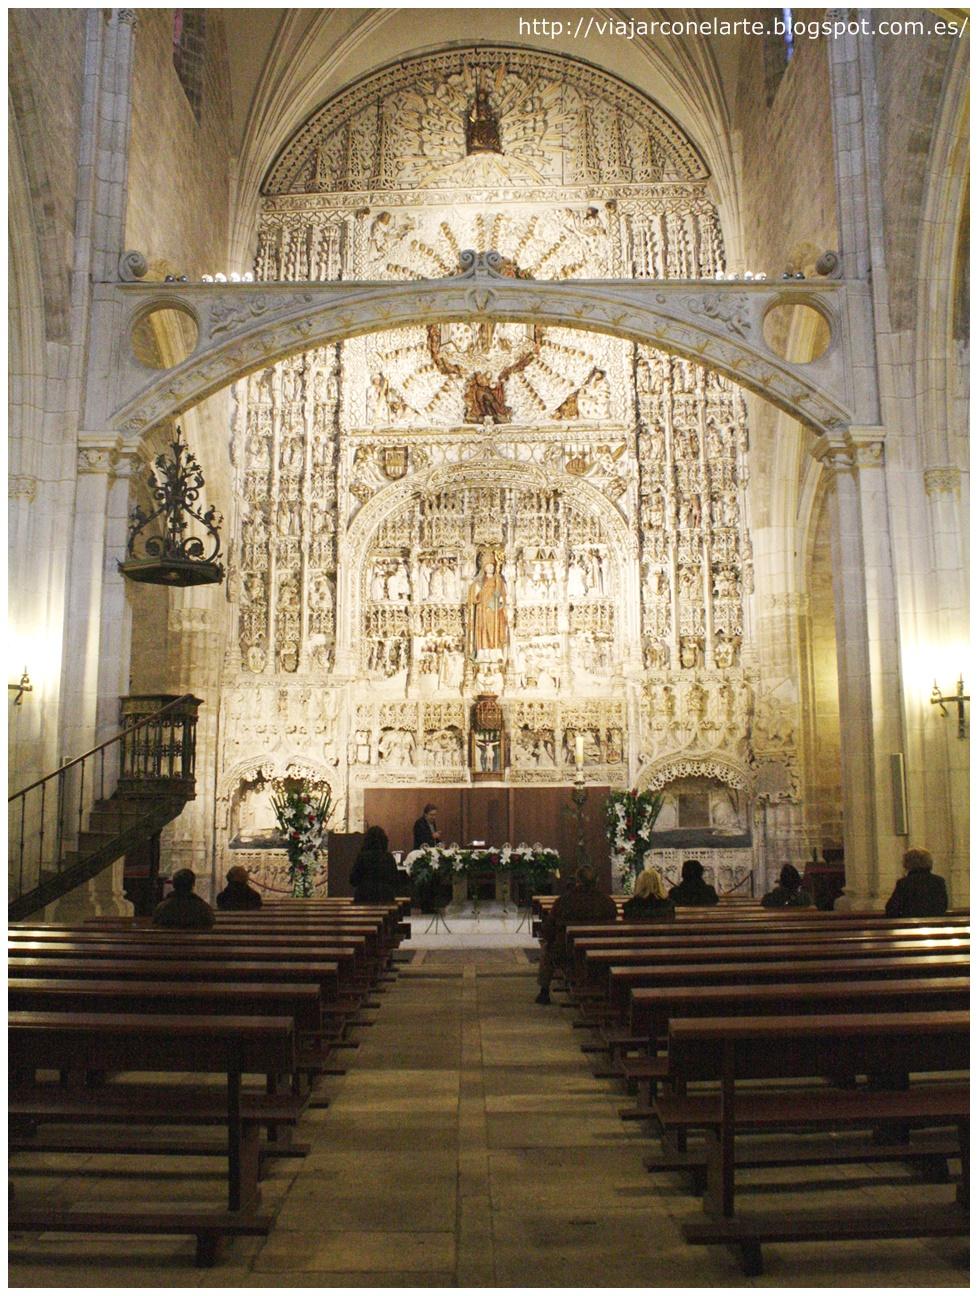 Iglesia San Nicolas de Bari in Burgos